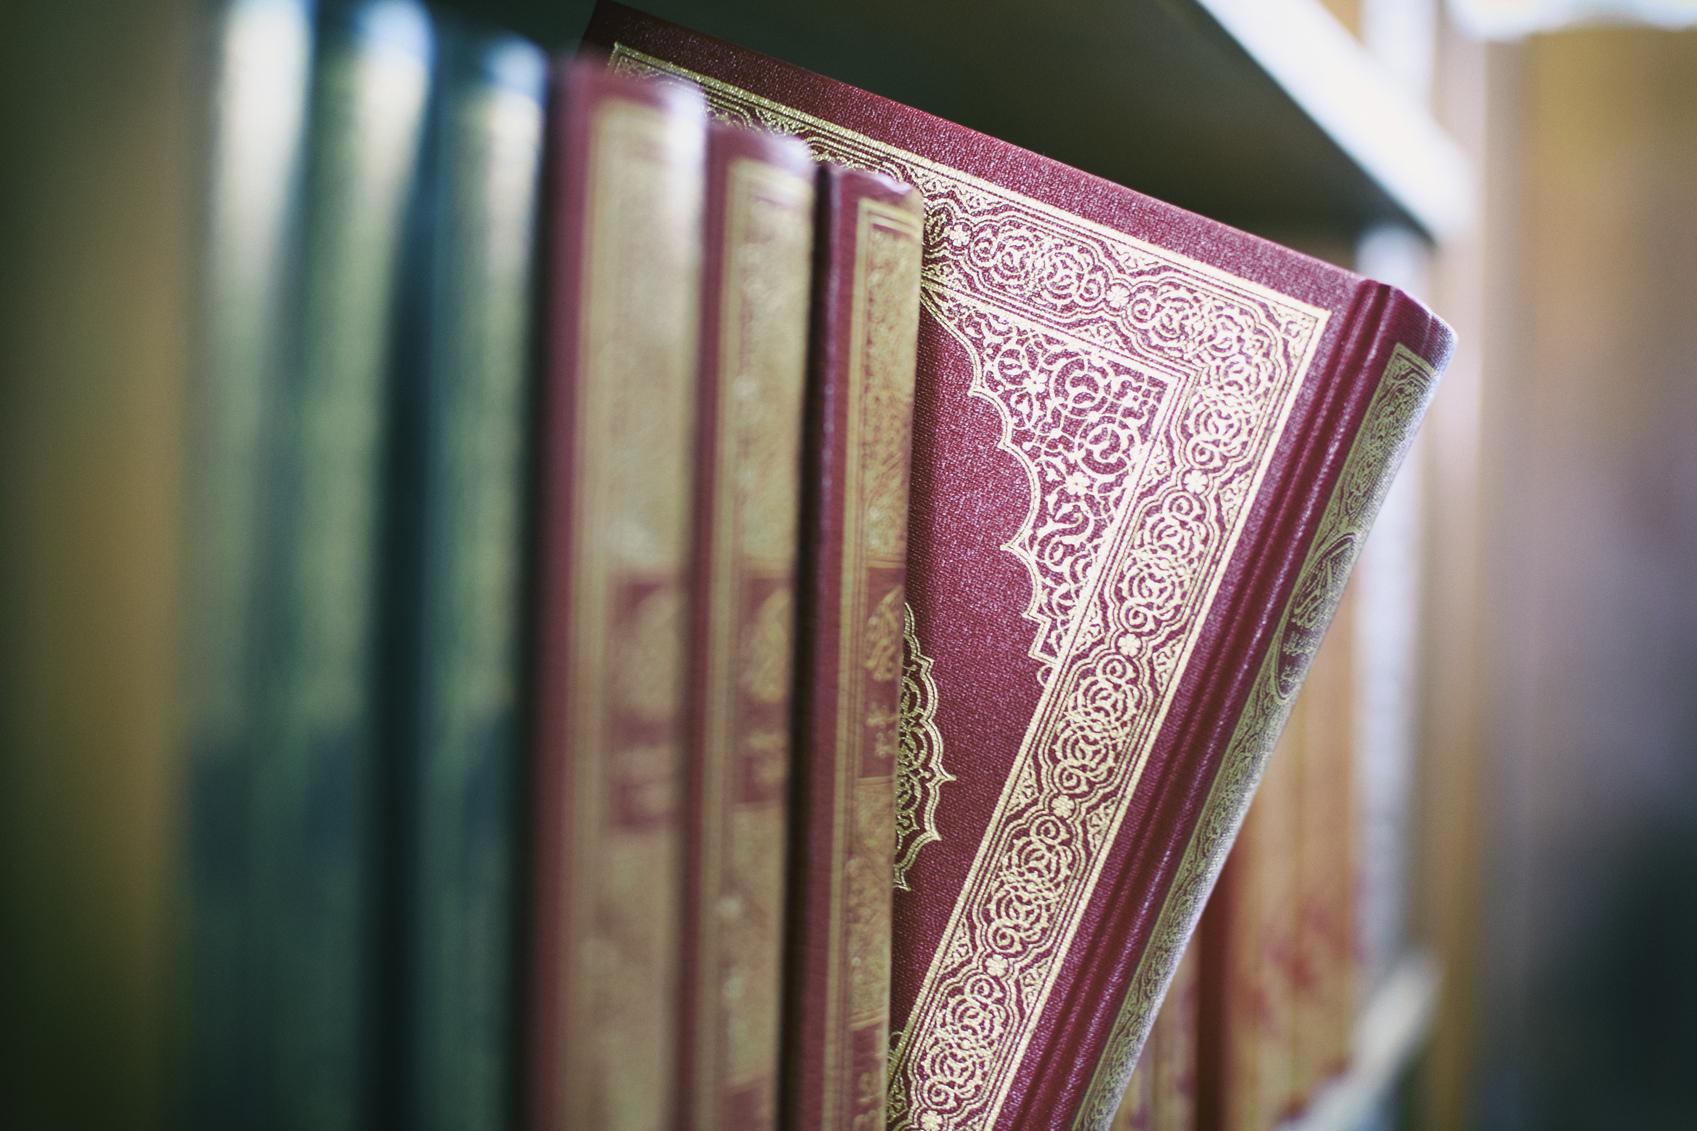 Livros antigos de literatura